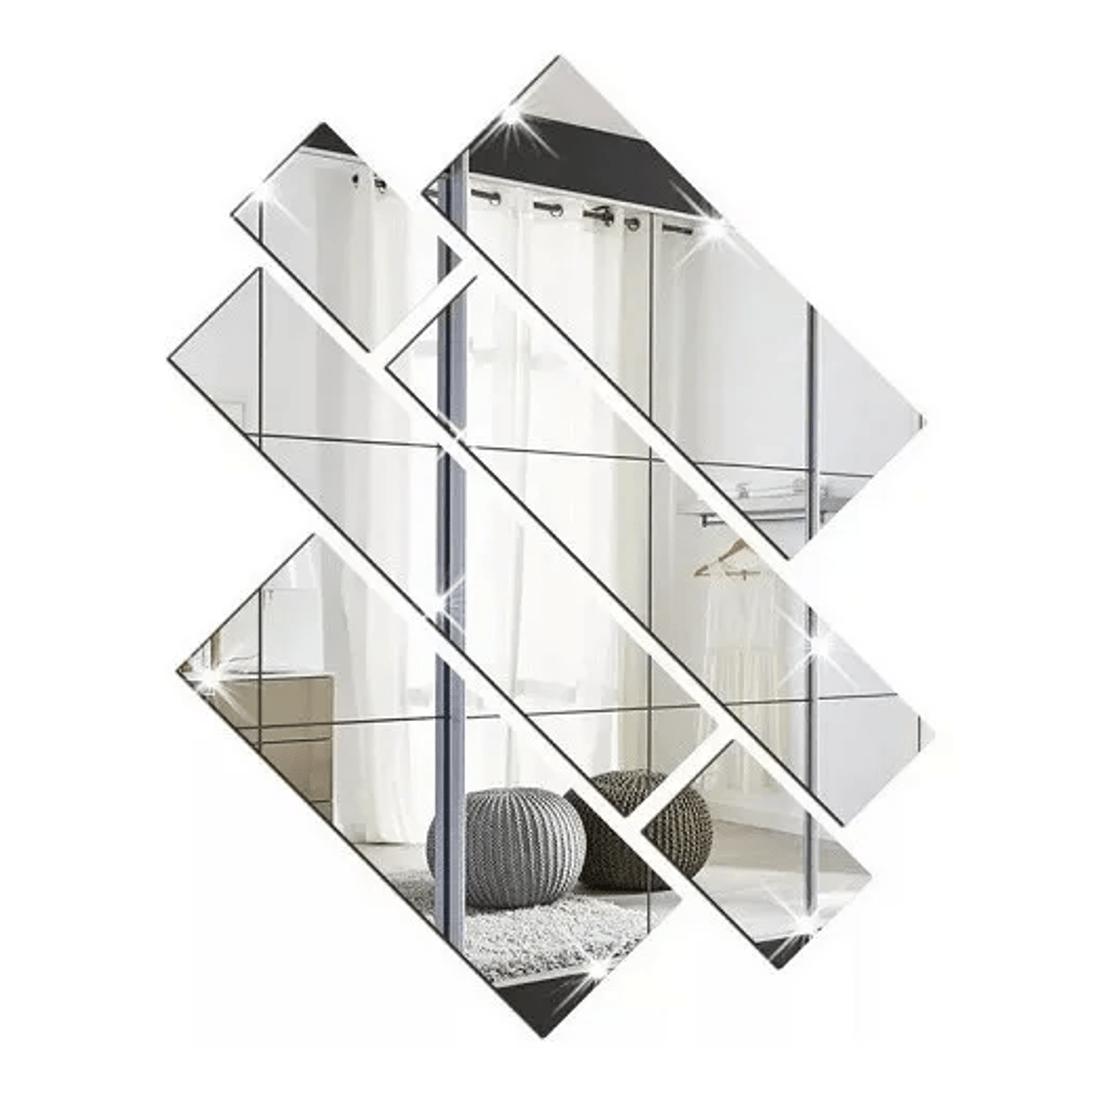 Kit-6-Espelho-Liso-Retangular-Decorativo-Com-Fita-Dupla-Face